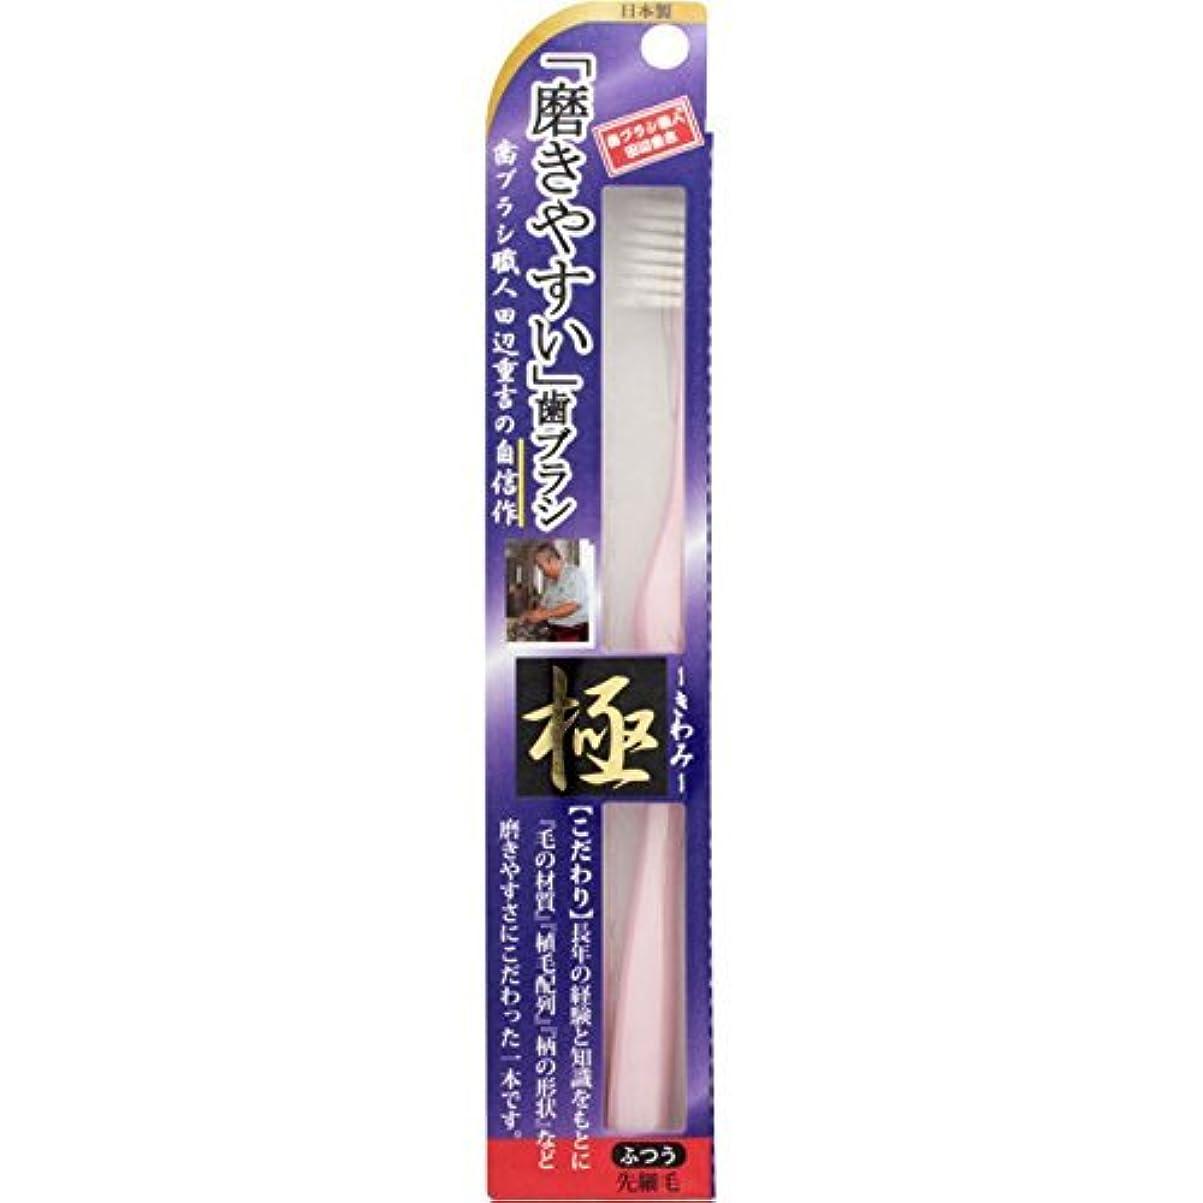 悪性なぜなら猫背【まとめ買い】磨きやすい歯ブラシ 極 LT-22 ×15個